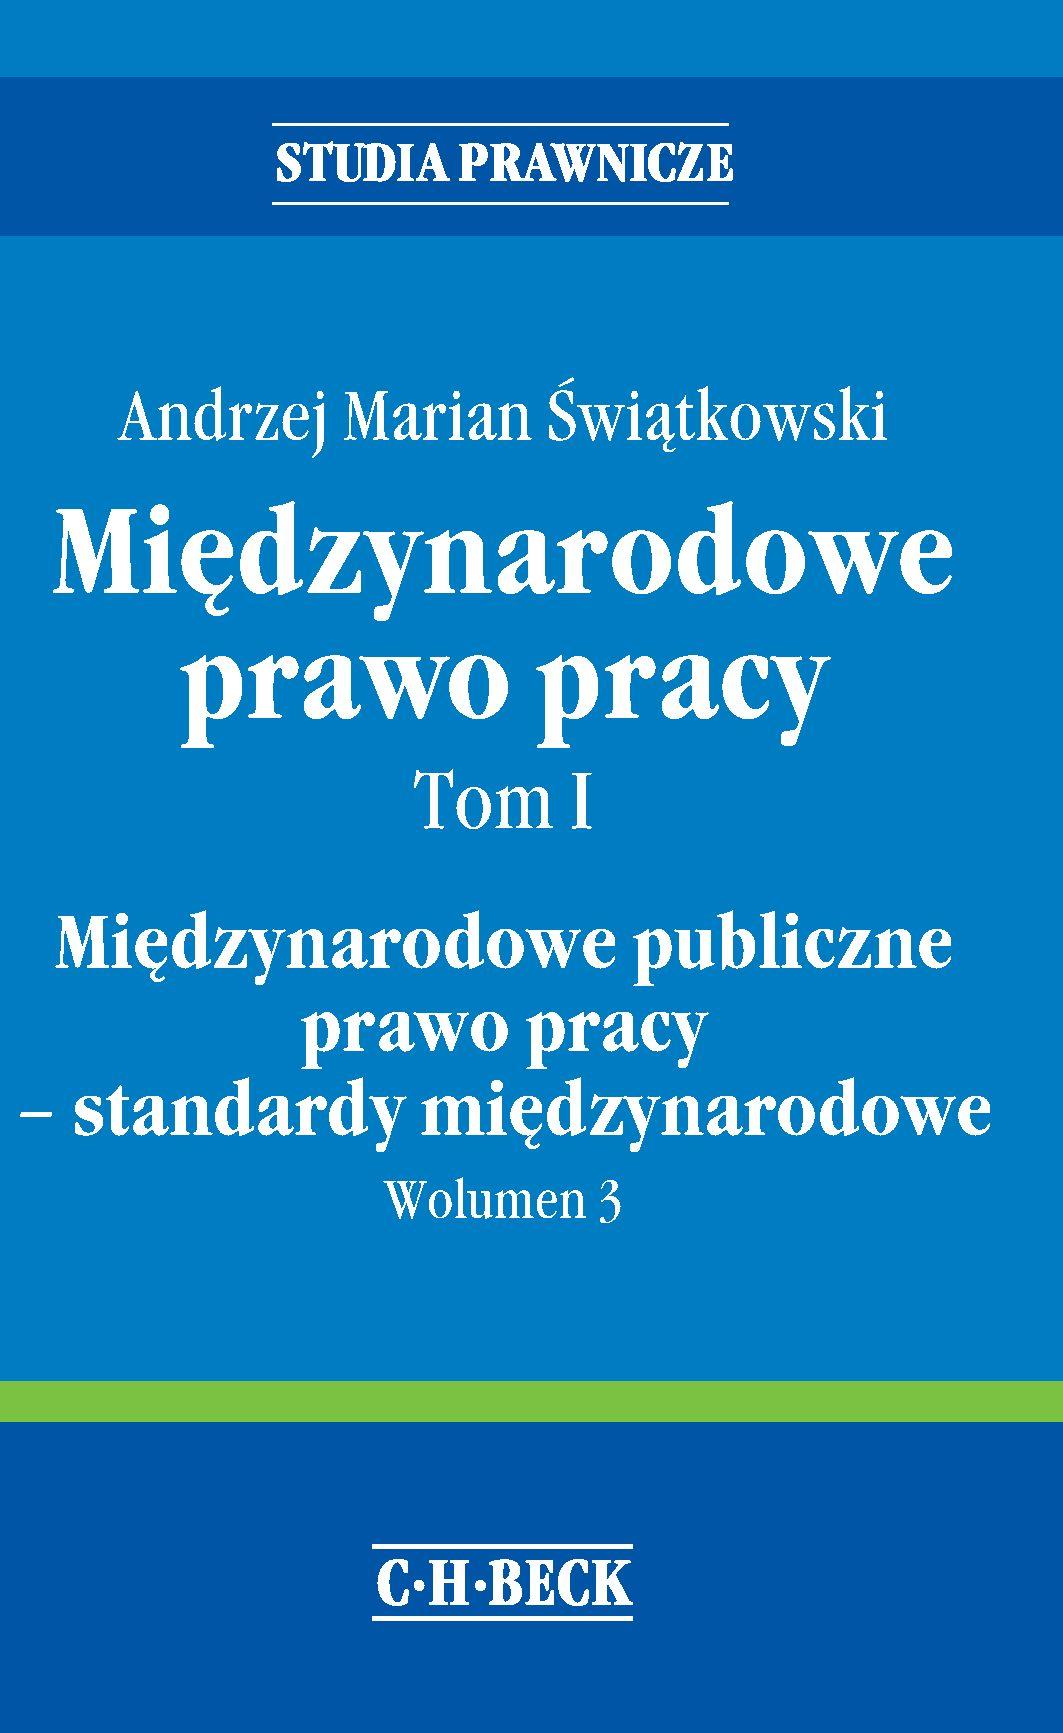 Międzynarodowe prawo pracy. Tom I. Międzynarodowe publiczne prawo pracy - standardy międzynarodowe. Wolumen 3 - Ebook (Książka PDF) do pobrania w formacie PDF